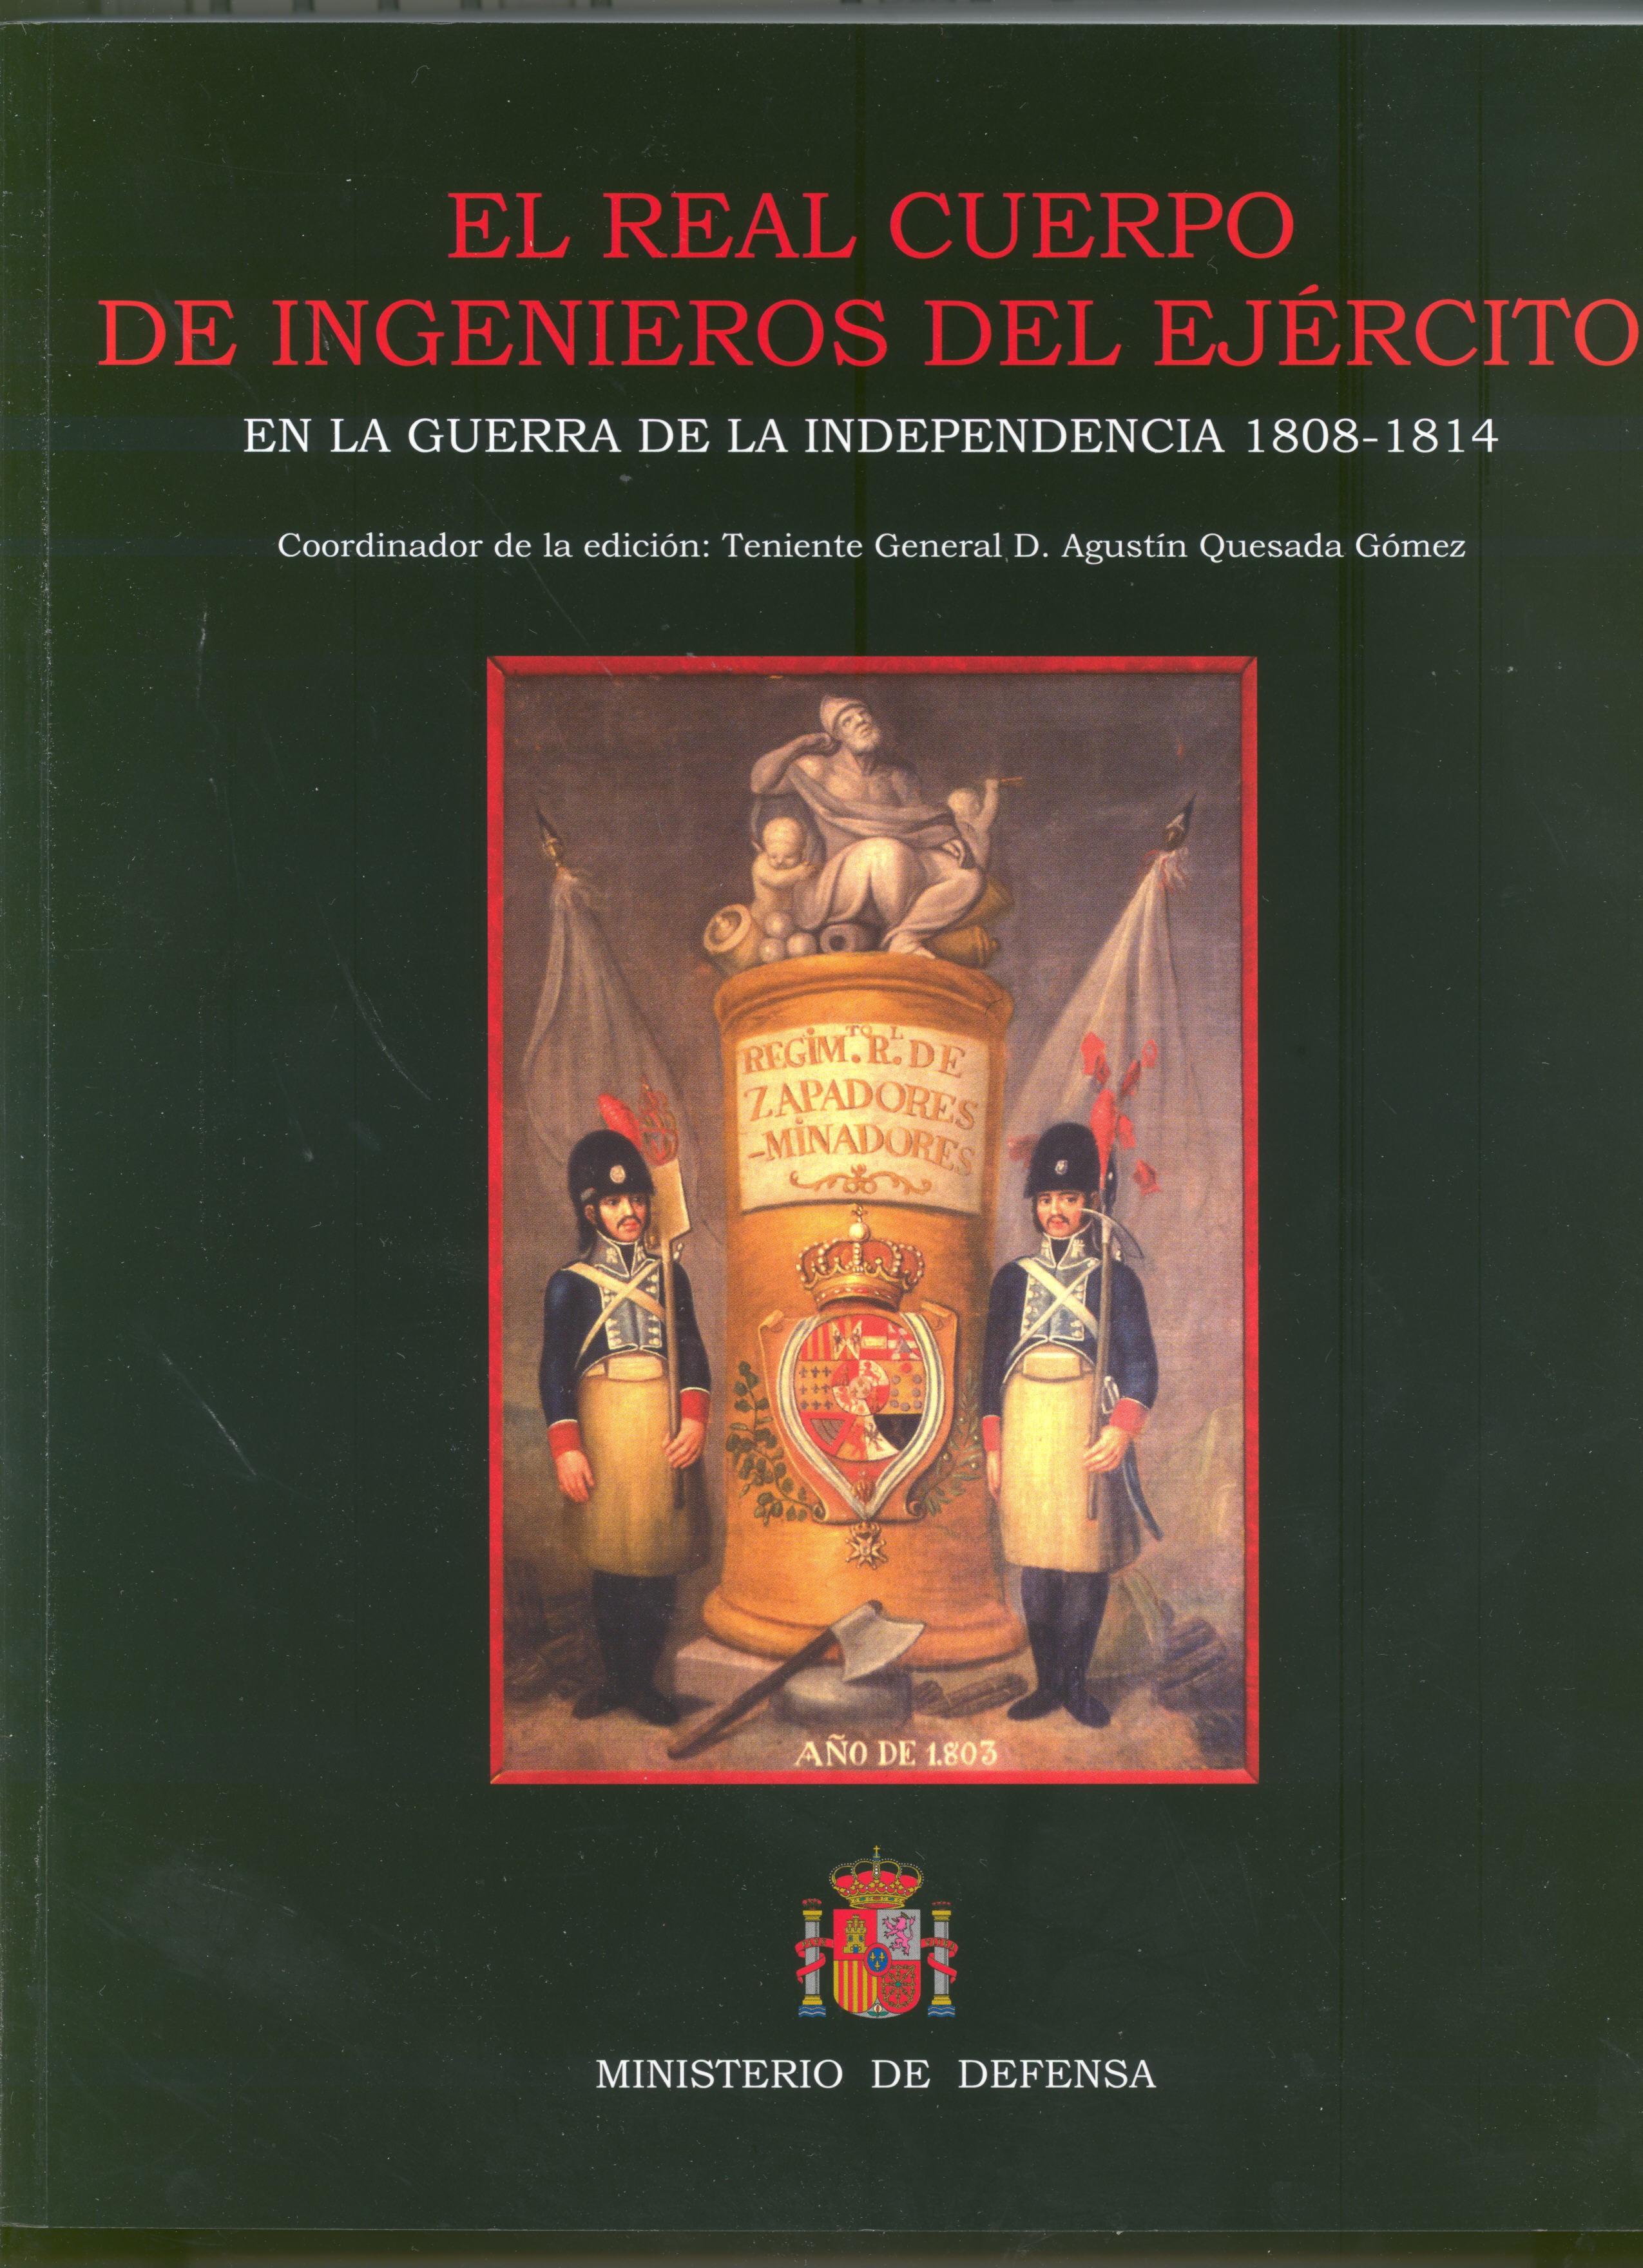 REAL CUERPO DE INGENIEROS DEL EJÉRCITO EN LA GUERRA DE LA INDEPENDENCIA 1808-1814, EL